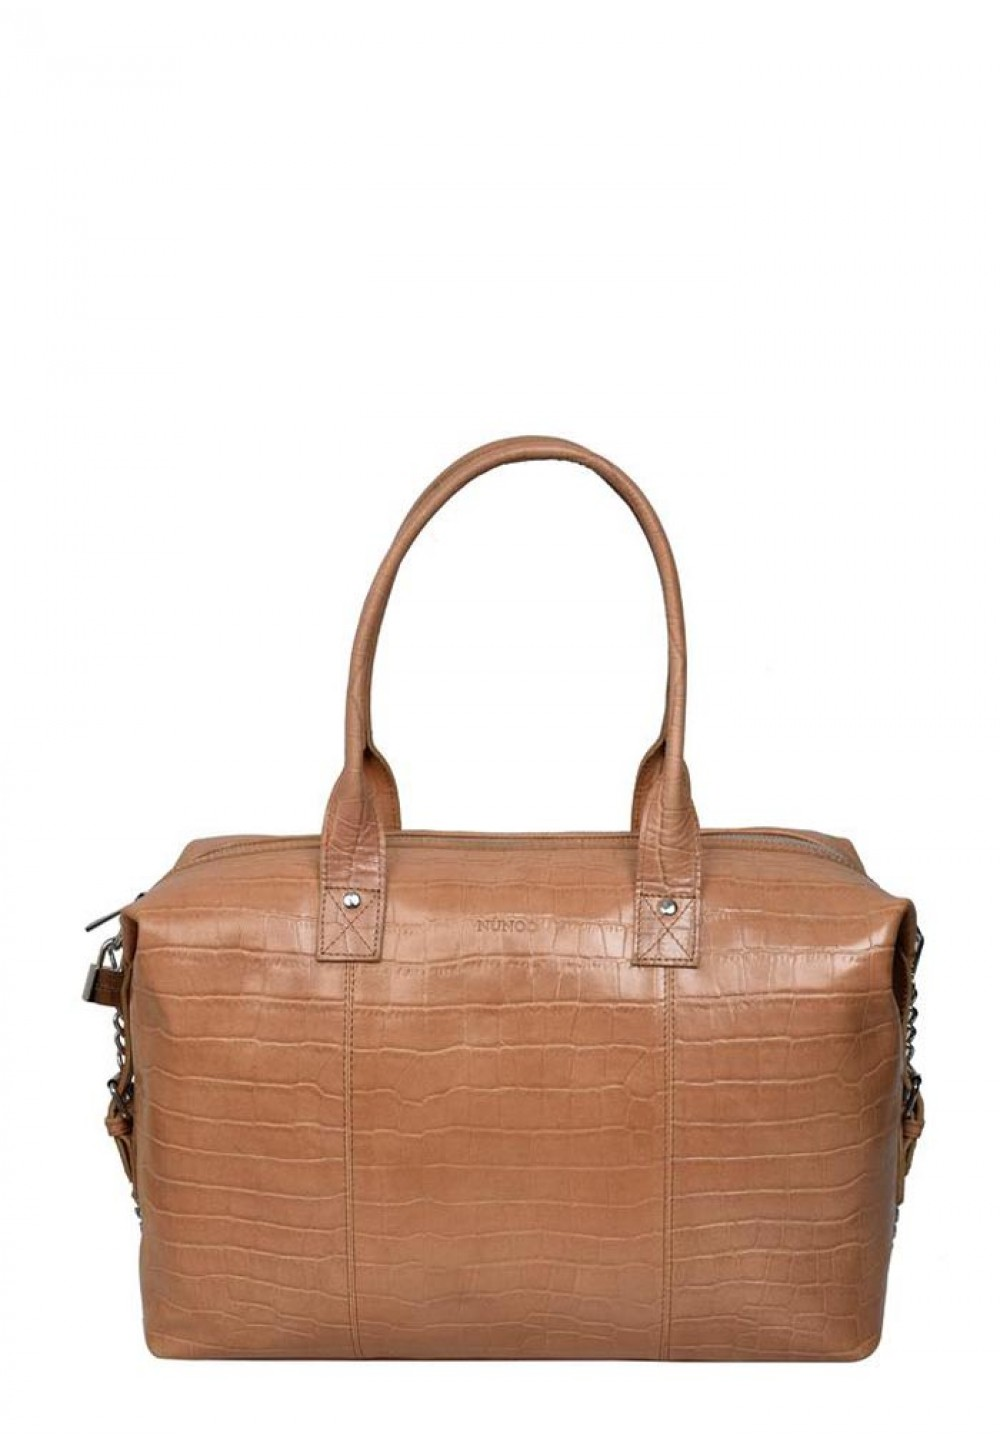 Классическая бежевая женская сумка Bobby croco